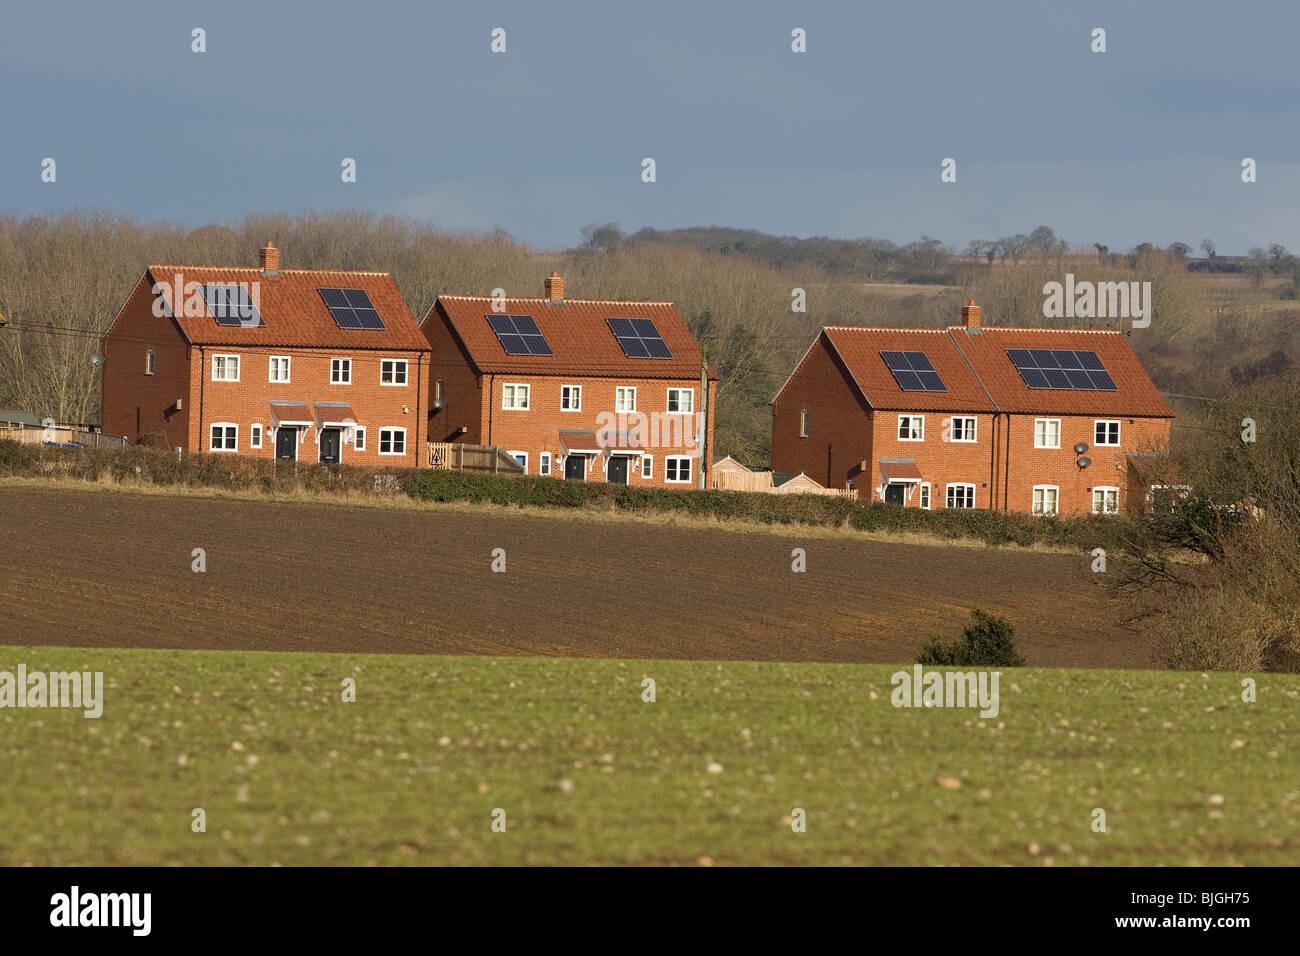 Solare Wasser Heizung Dachplatten Stockbild